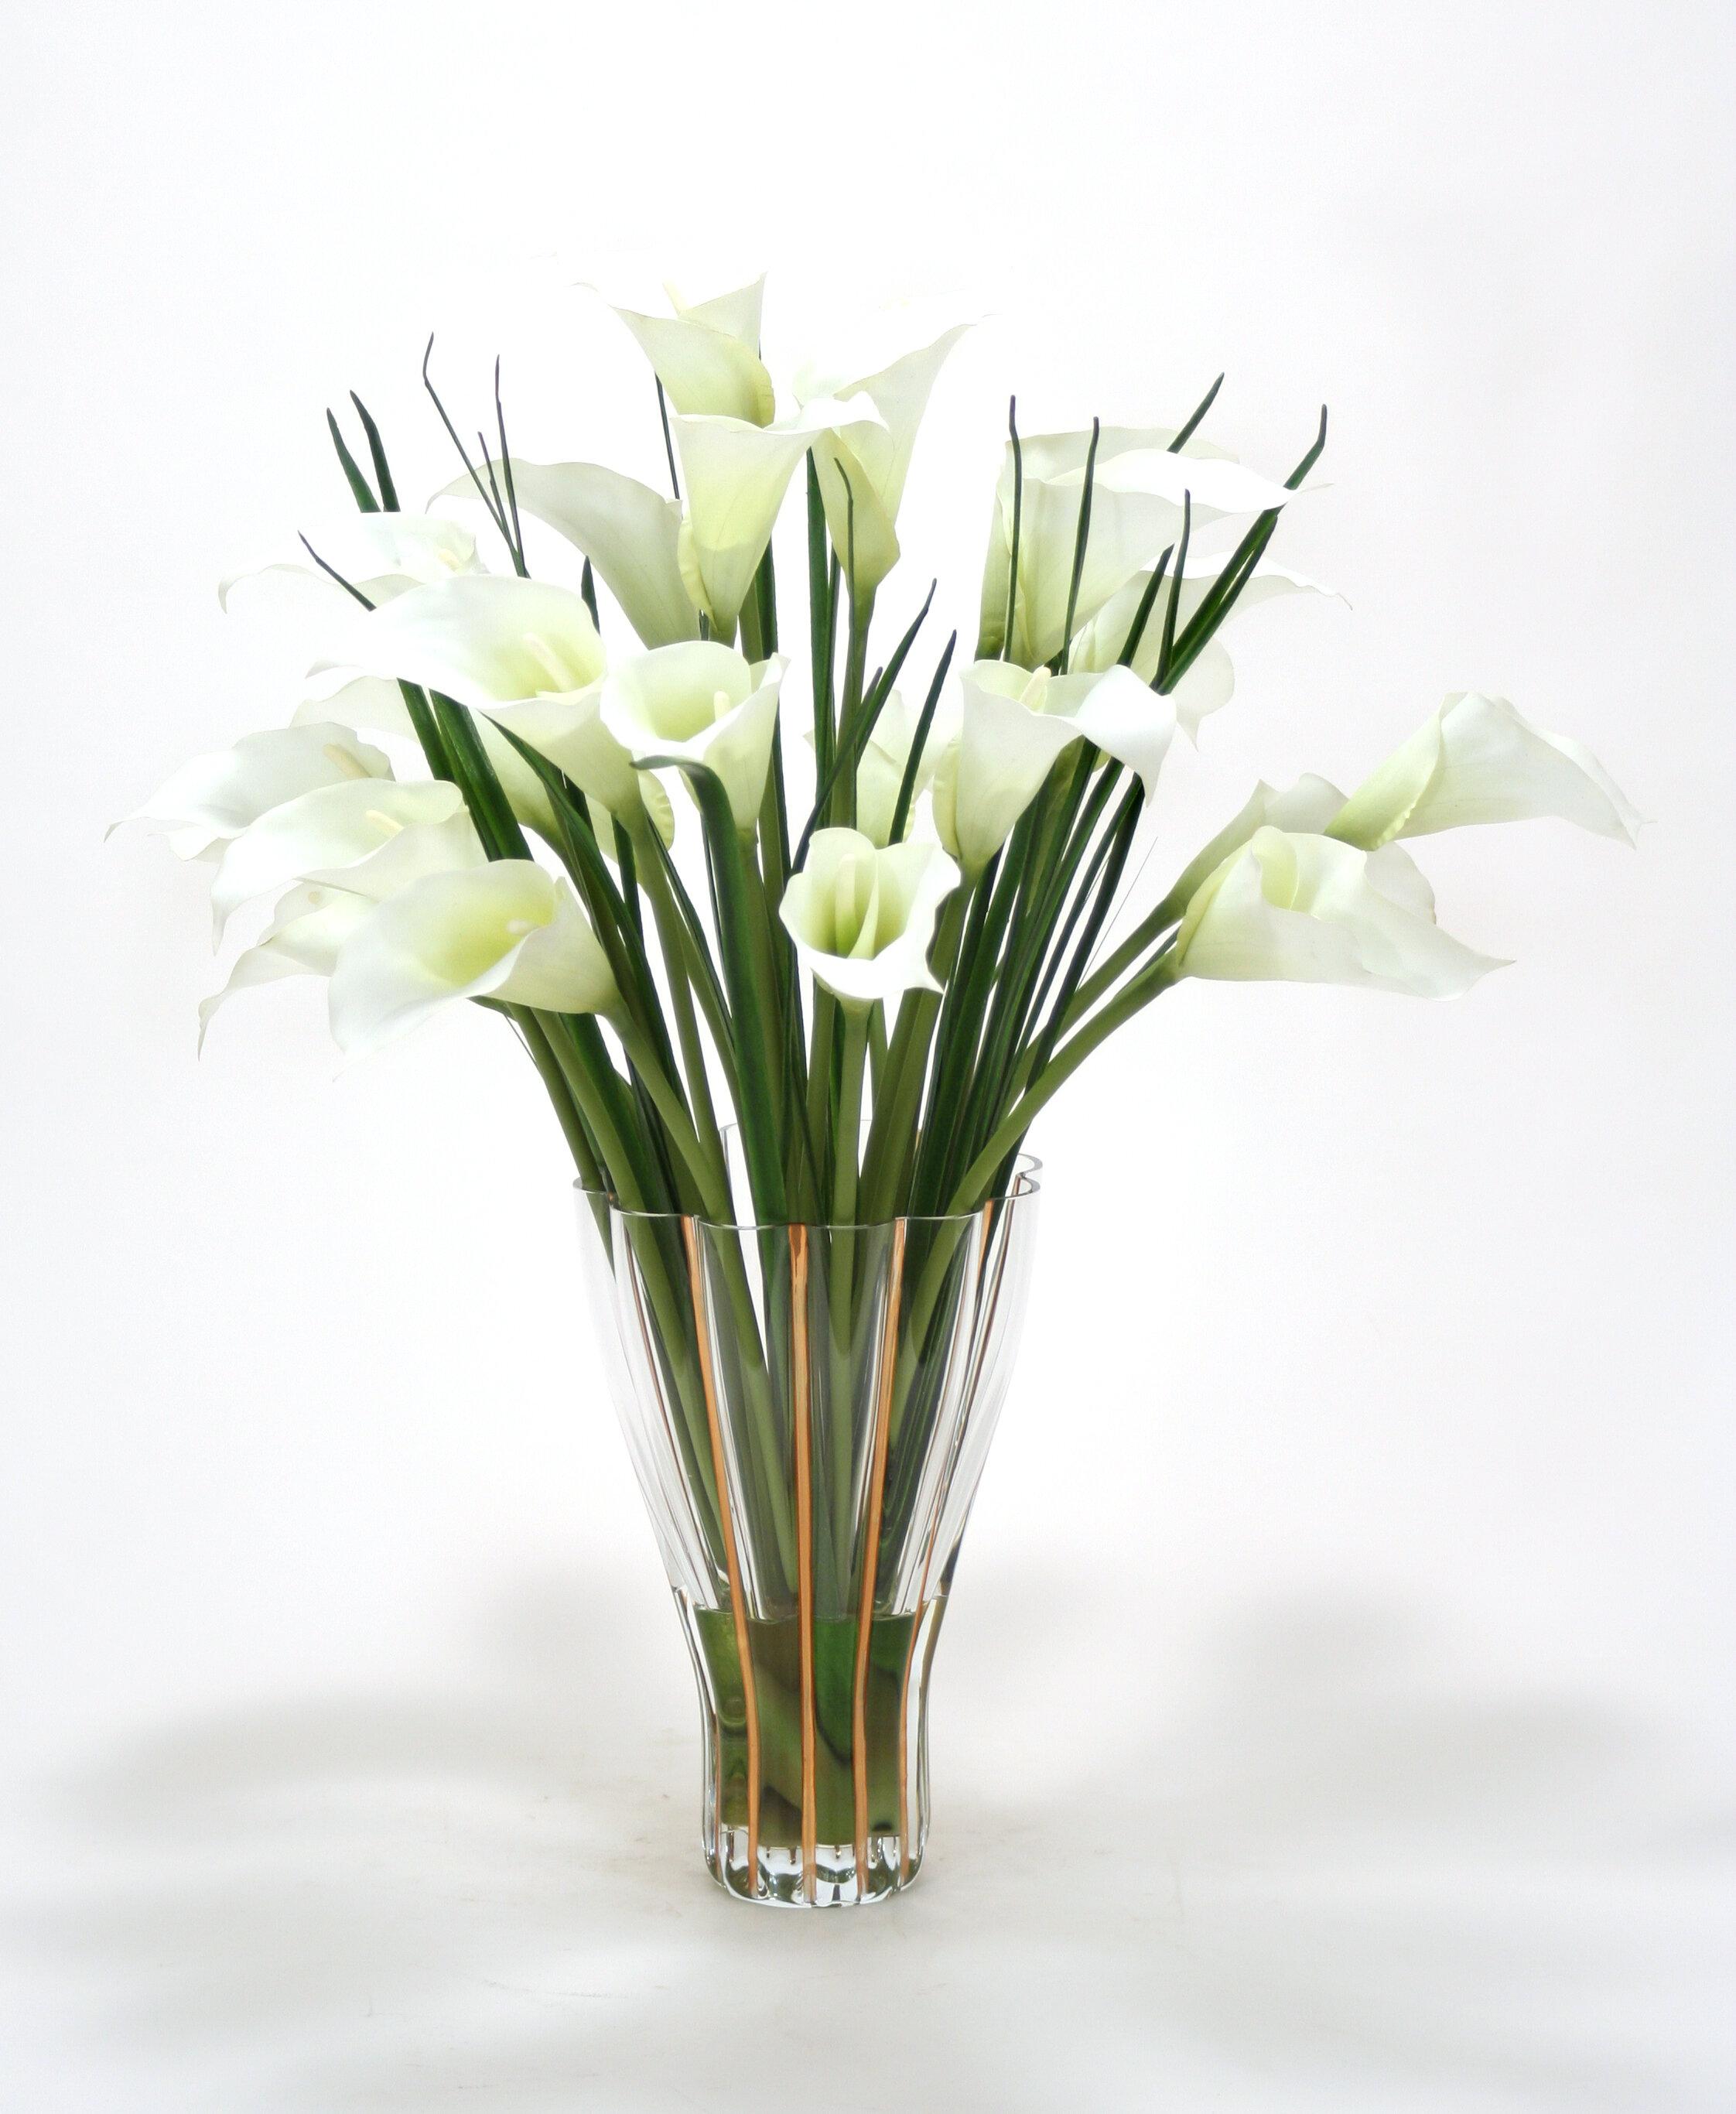 Wayfair & Faux White Flowers In Vase | Wayfair